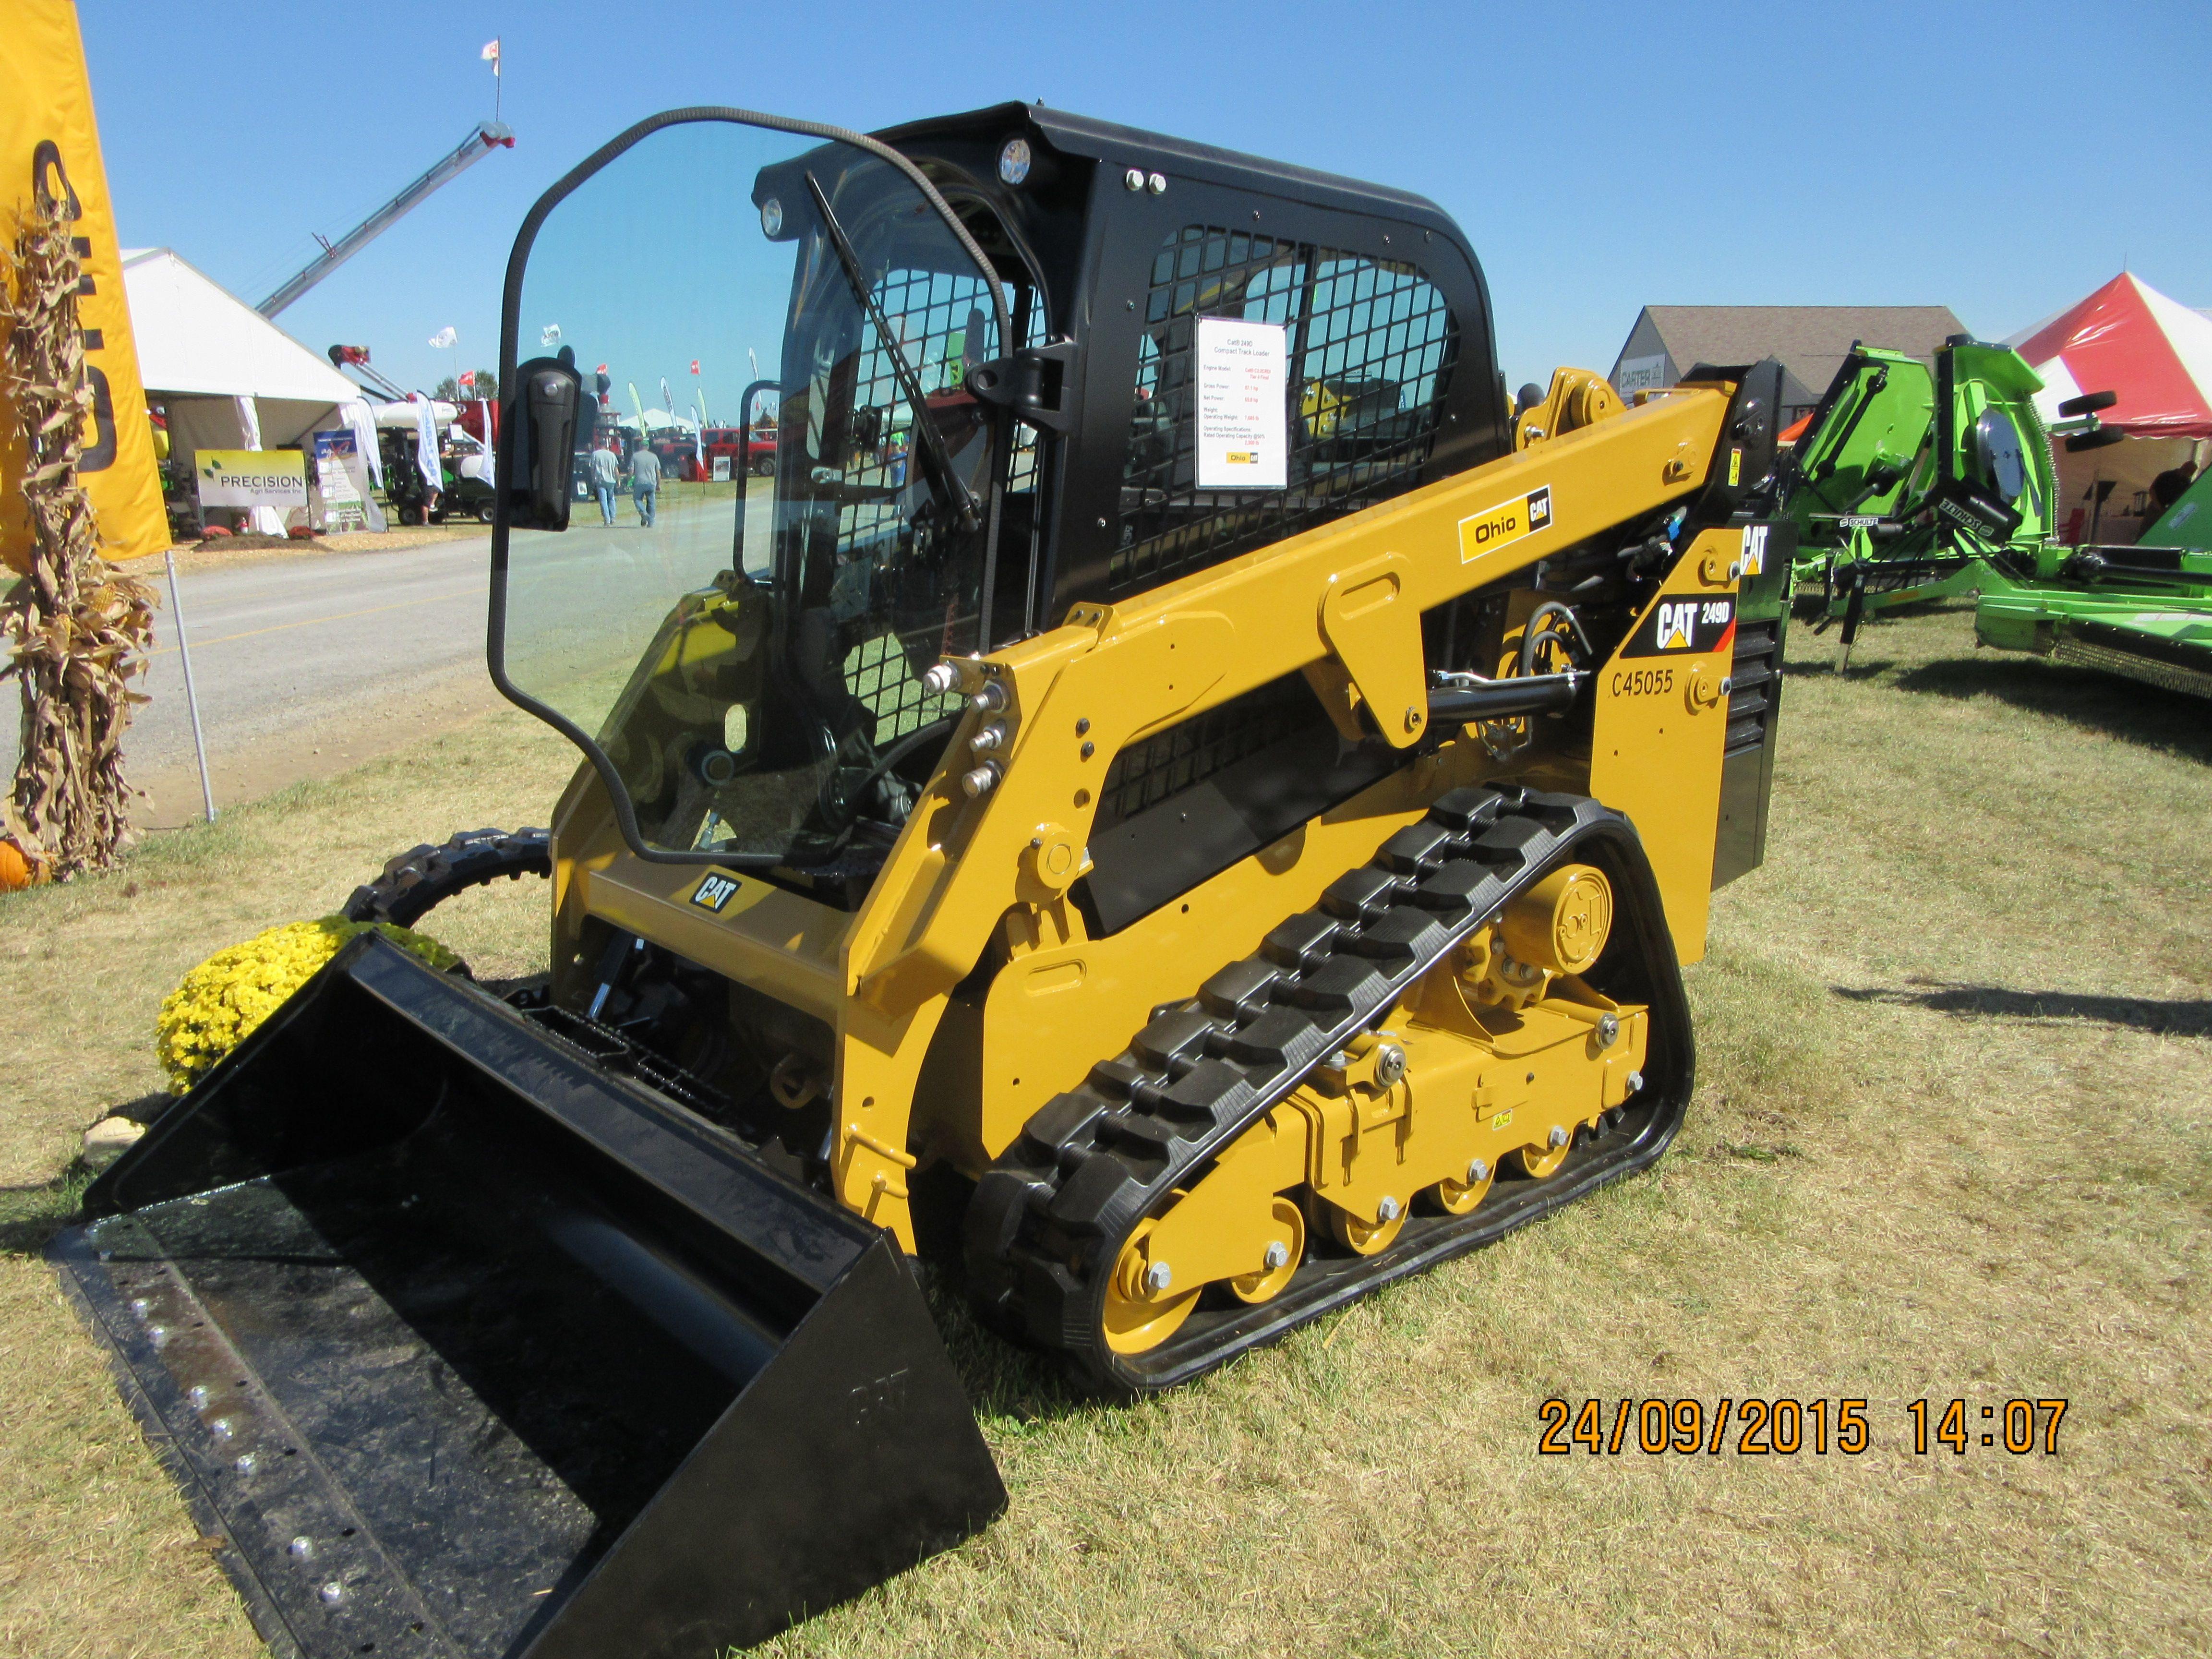 Caterpillar 249D Construction equipment, Heavy equipment